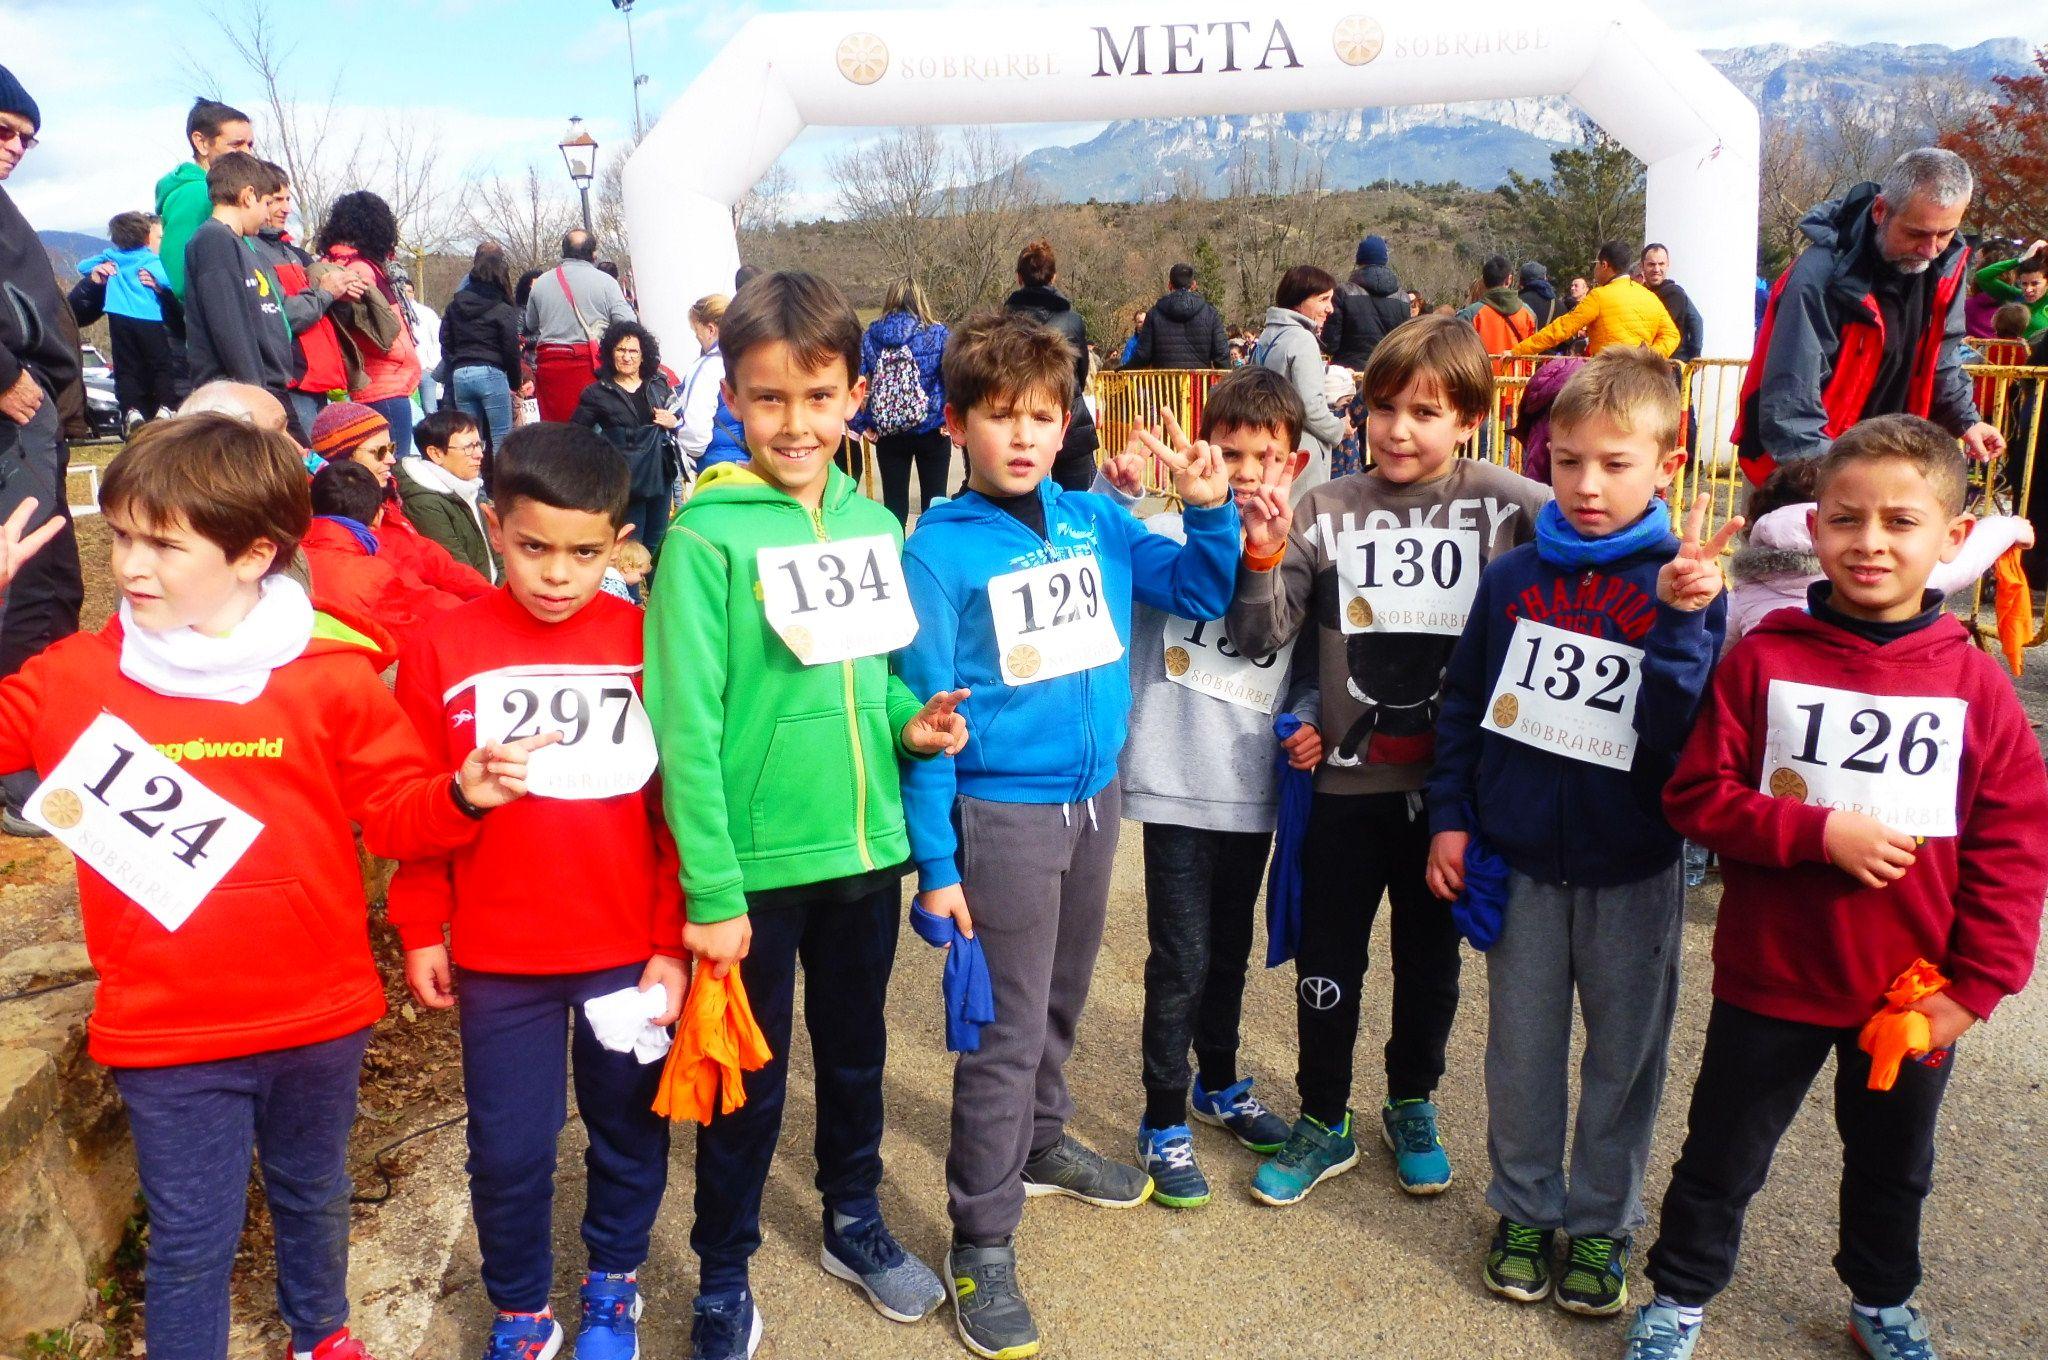 Niños participantes en la carrera. Foto: SobrarbeDigital.